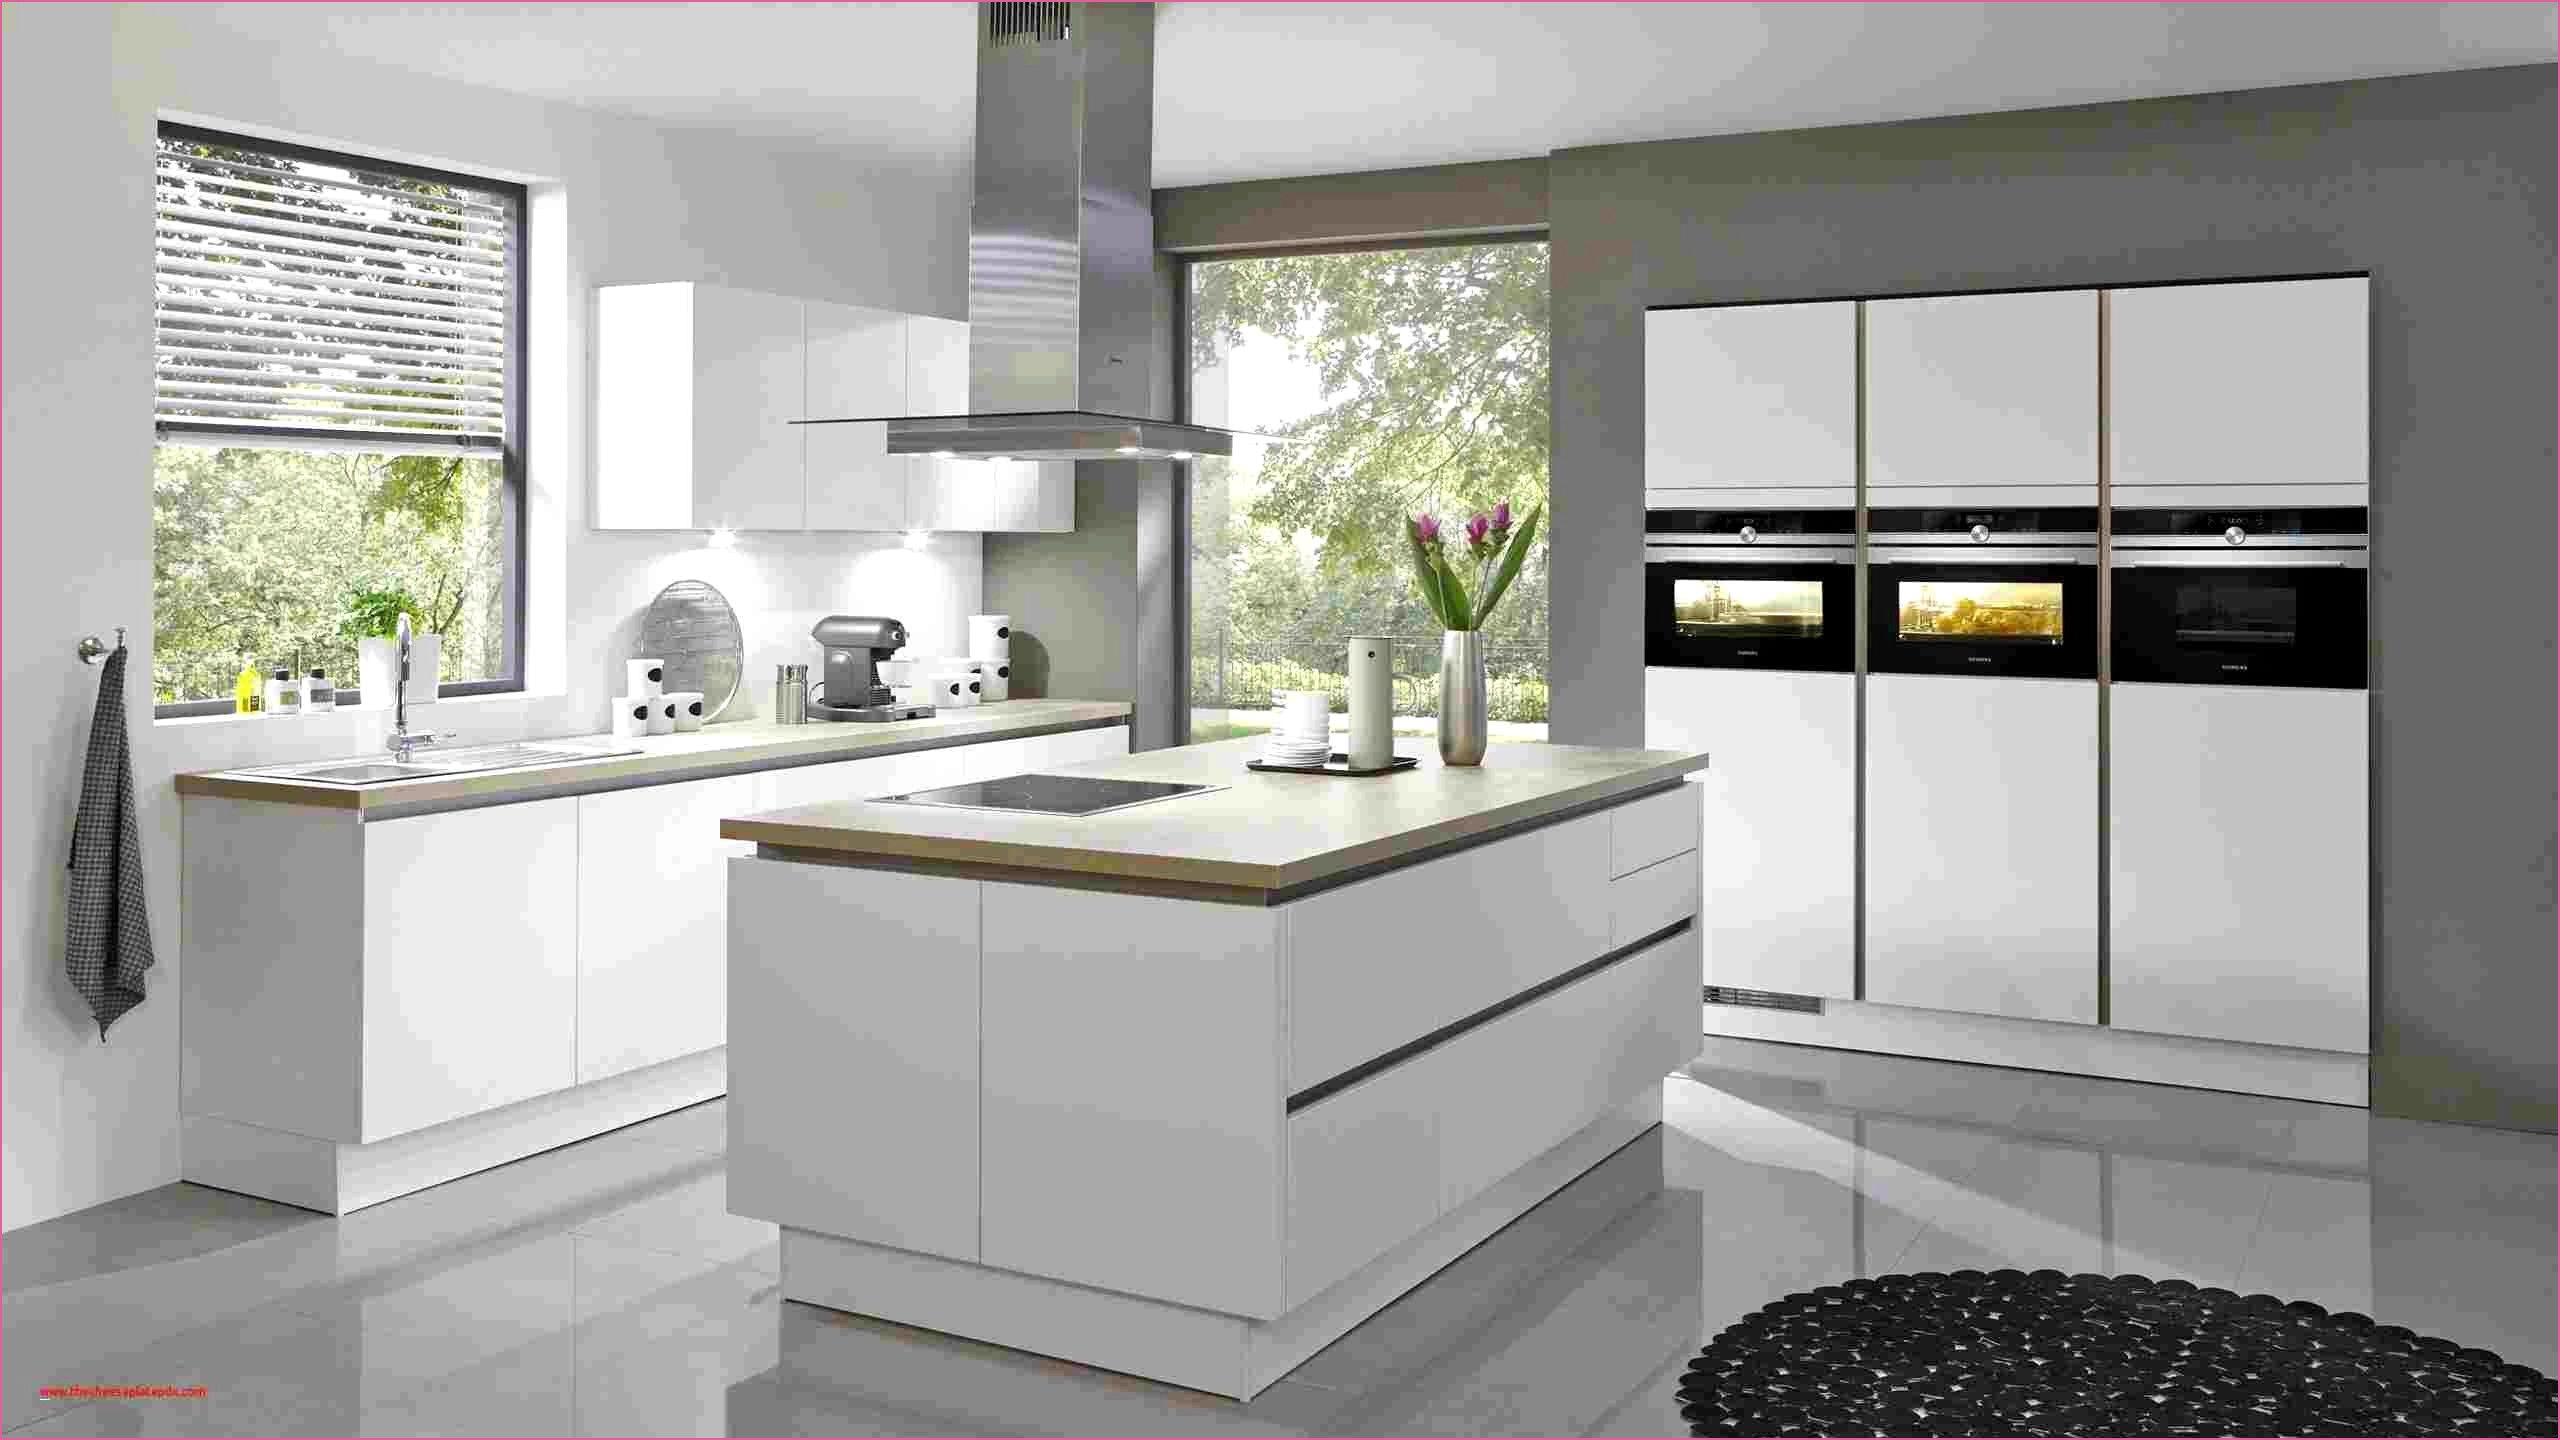 Decke Streichen Ohne Streifen Arbeitsplatte Kuche Schoner Wohnen Kuchen Kuchen Design